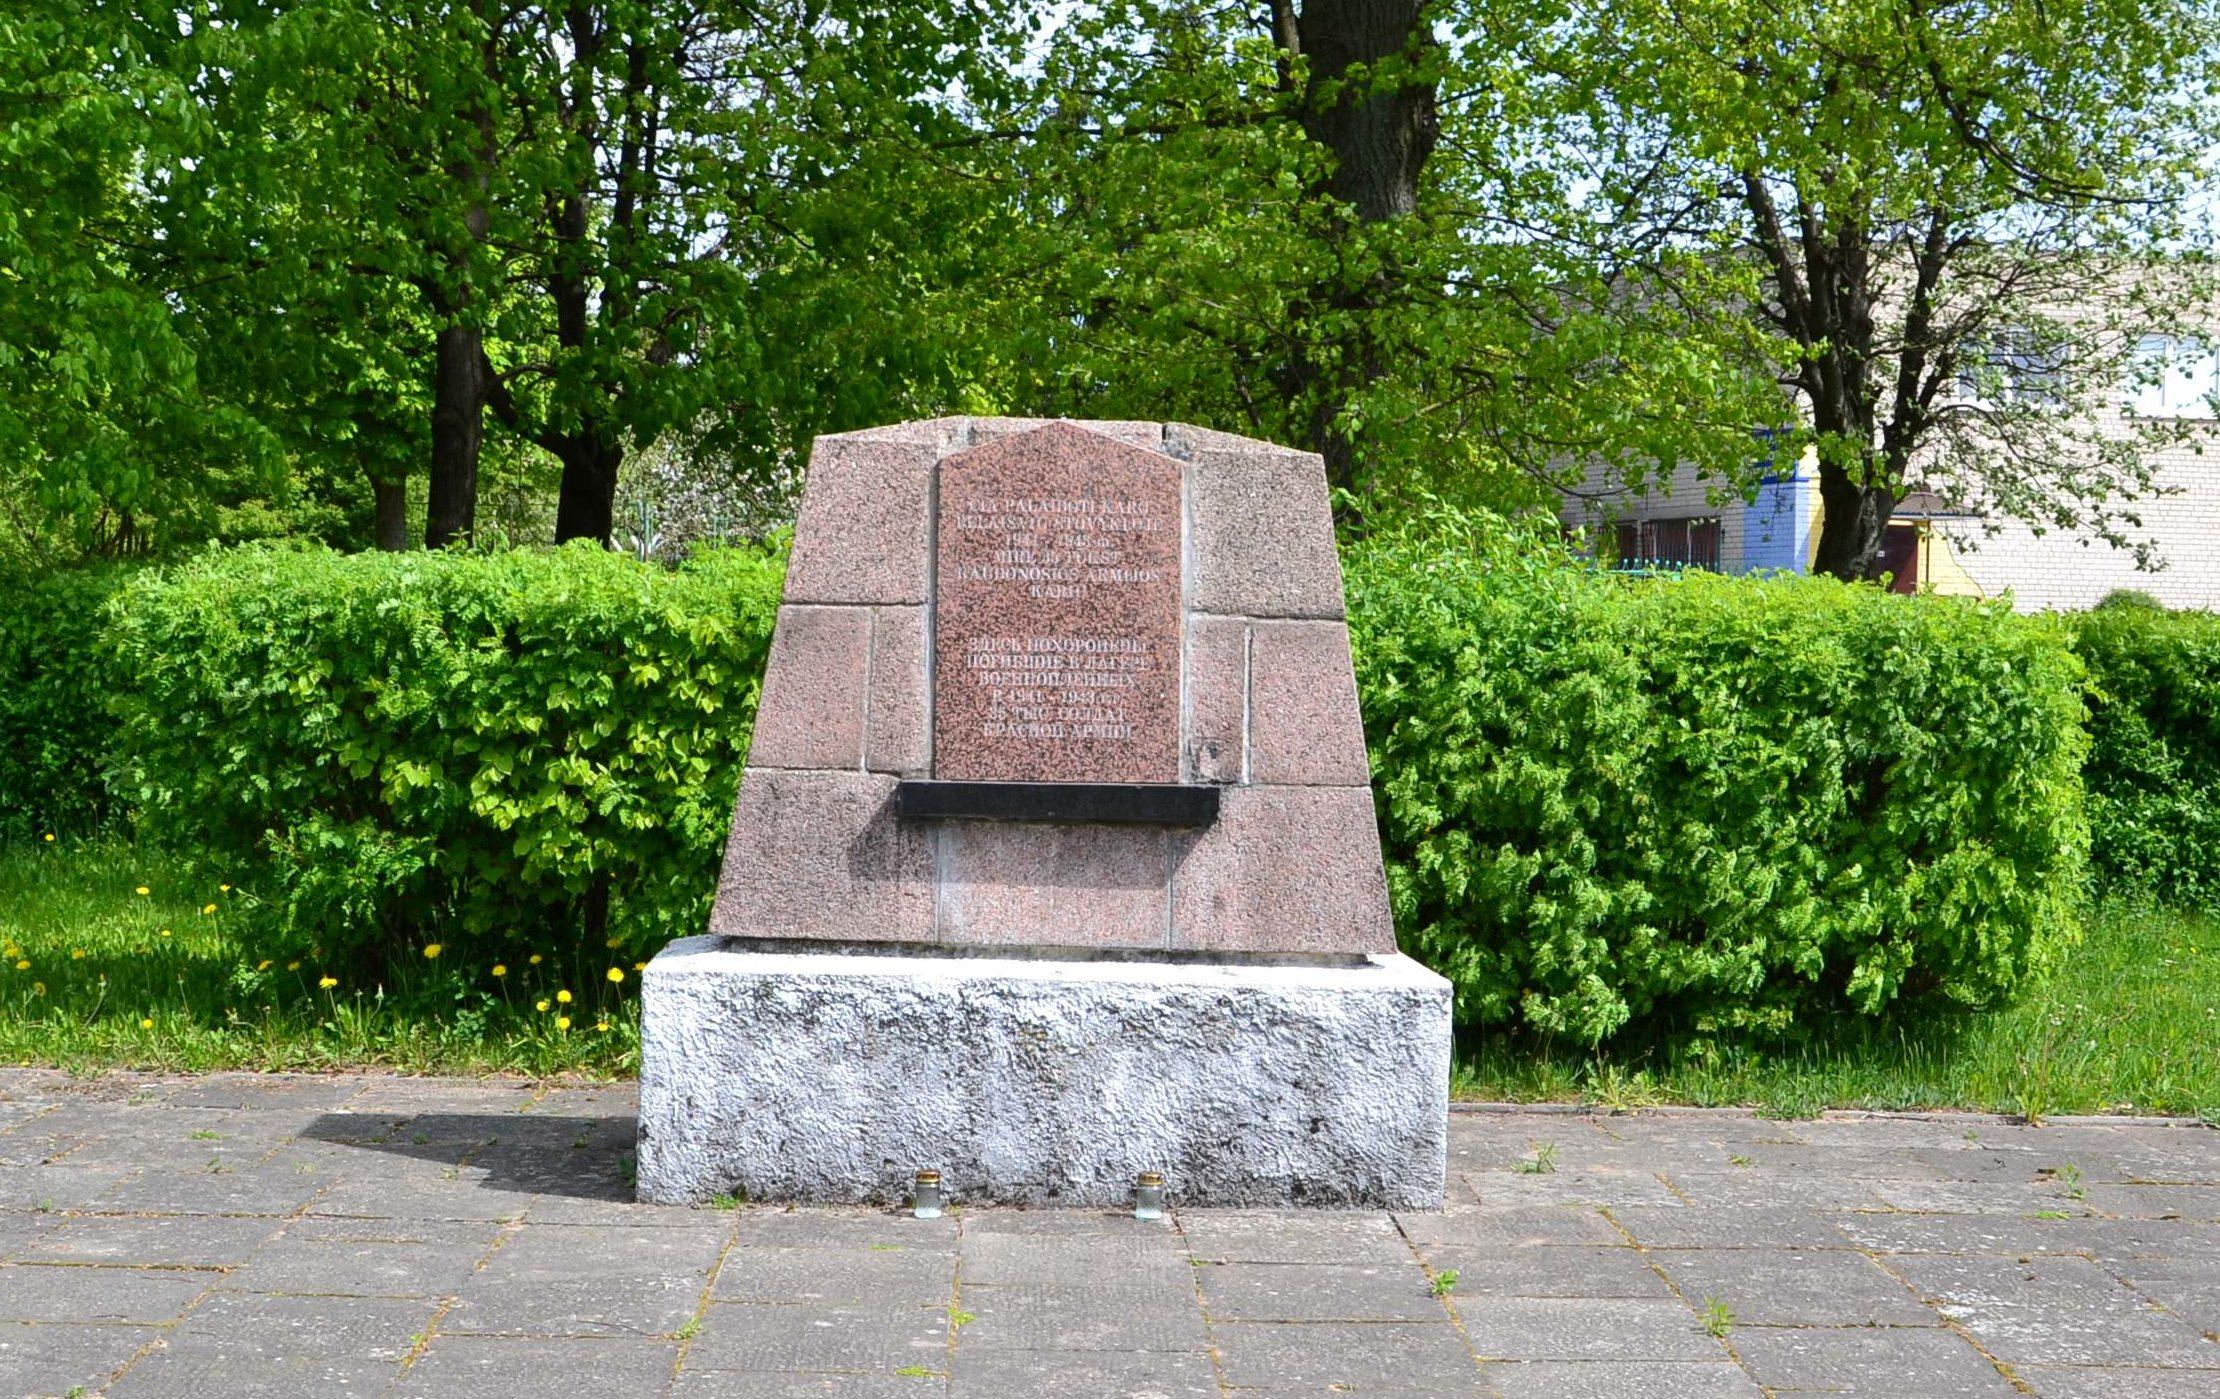 г. Каунас. Памятник у пересечения улиц Прамонес и Р. Калантос рядом с VI фортом на месте массового захоронения 35 тысяч советских военнопленных, погибших в концлагере «Шталаг 336А», в 1941–1943 годах. Все похороненные неизвестны.